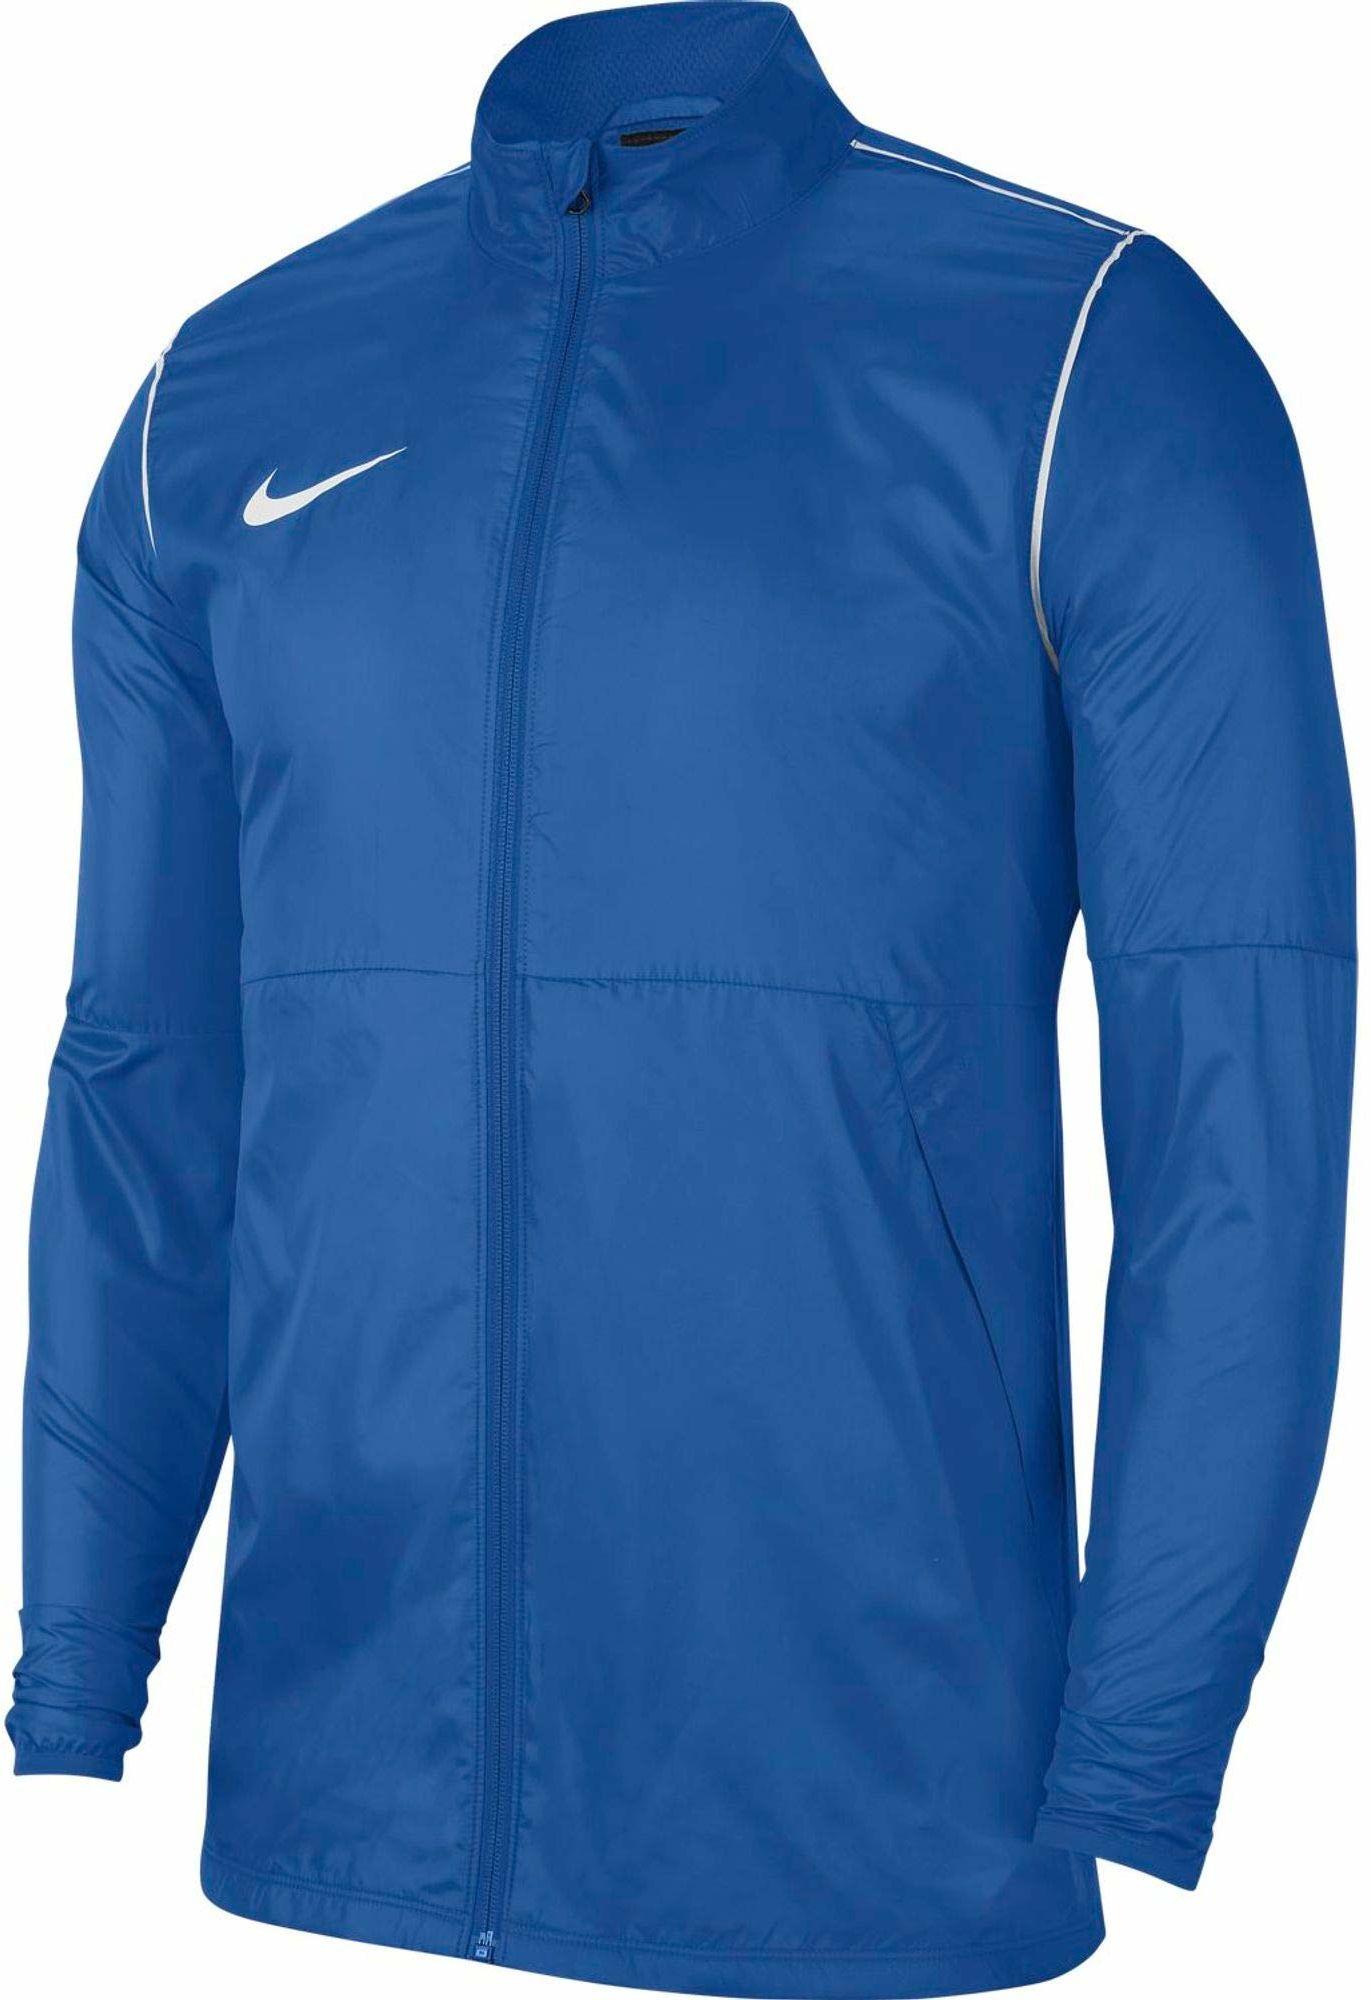 Nike Unisex dziecięca kurtka przeciwdeszczowa Park20 Royal Blue/White/(White) M